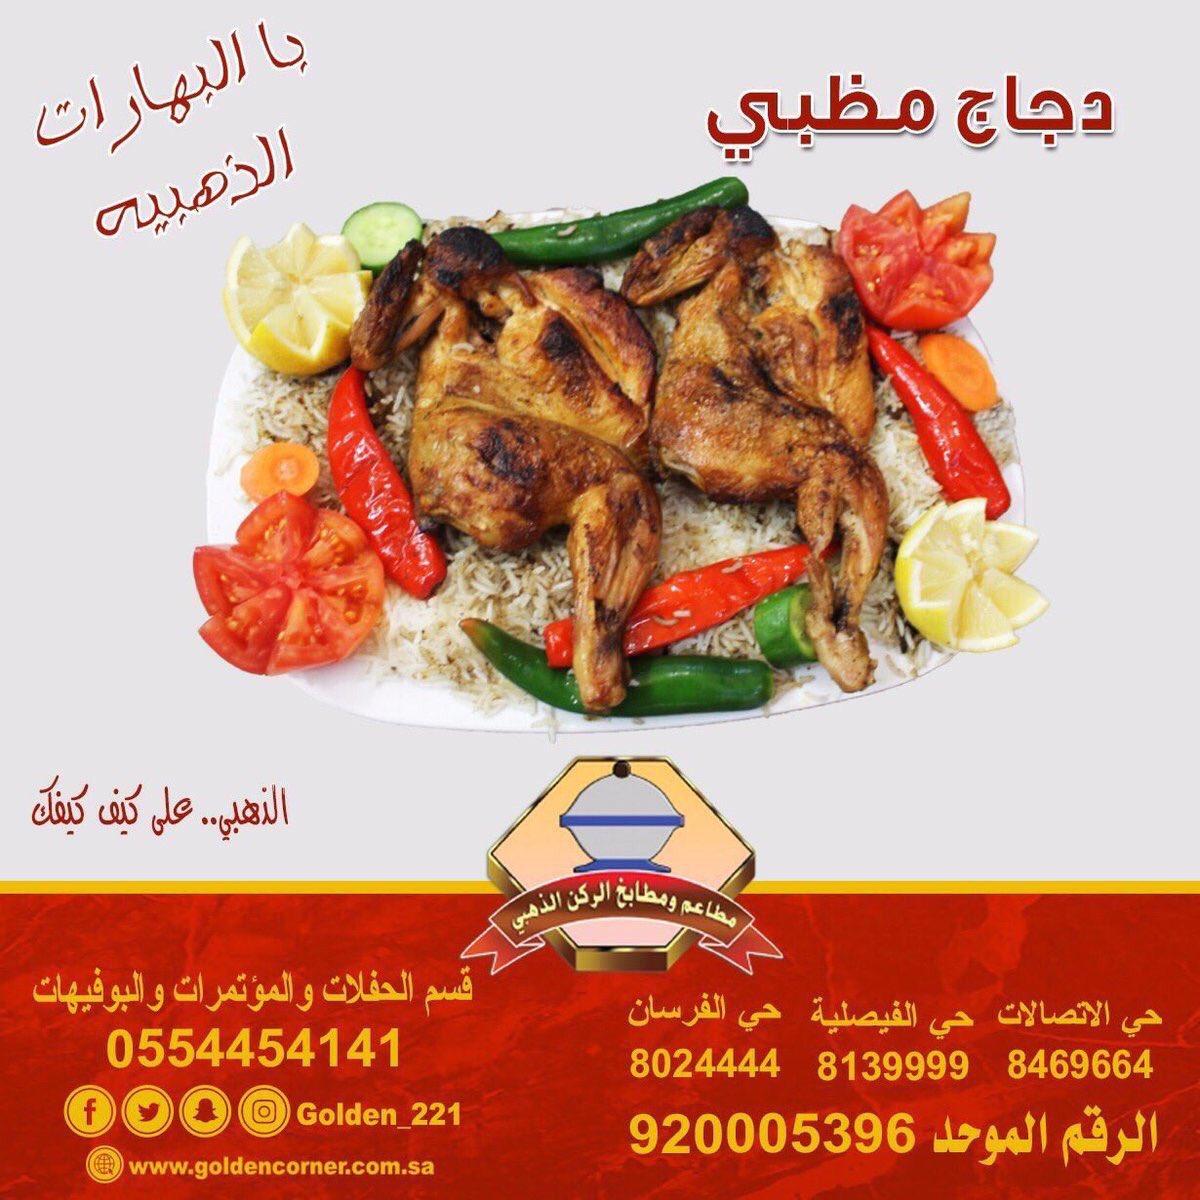 مطاعم الركن الذهبي Twitterissa دجاج مظبي على كيف كيفك السعودية الدمام الخبر مطاعم الركن الذهبي الذهبي على كيف كيفك الرقم الموحد 920005396 Https T Co Xw1k54tzzu